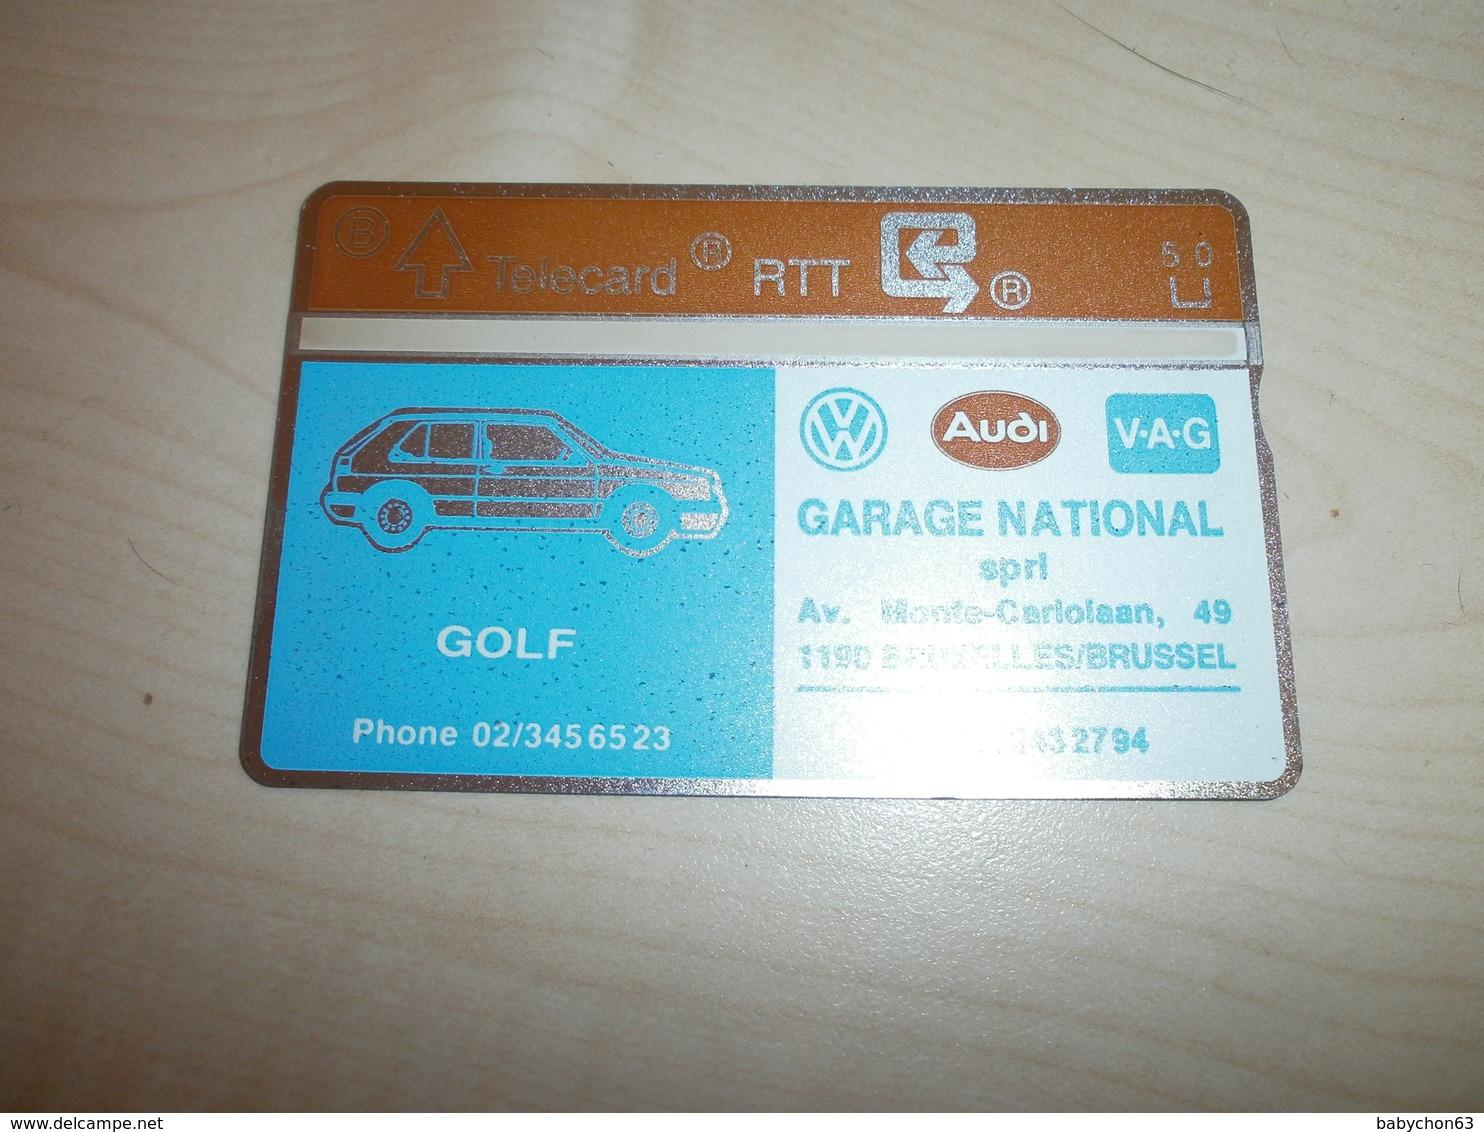 Télécarte Ancienne RTT   Publicité GARAGE NATIONAL SPRL  Golf Audi - Voitures